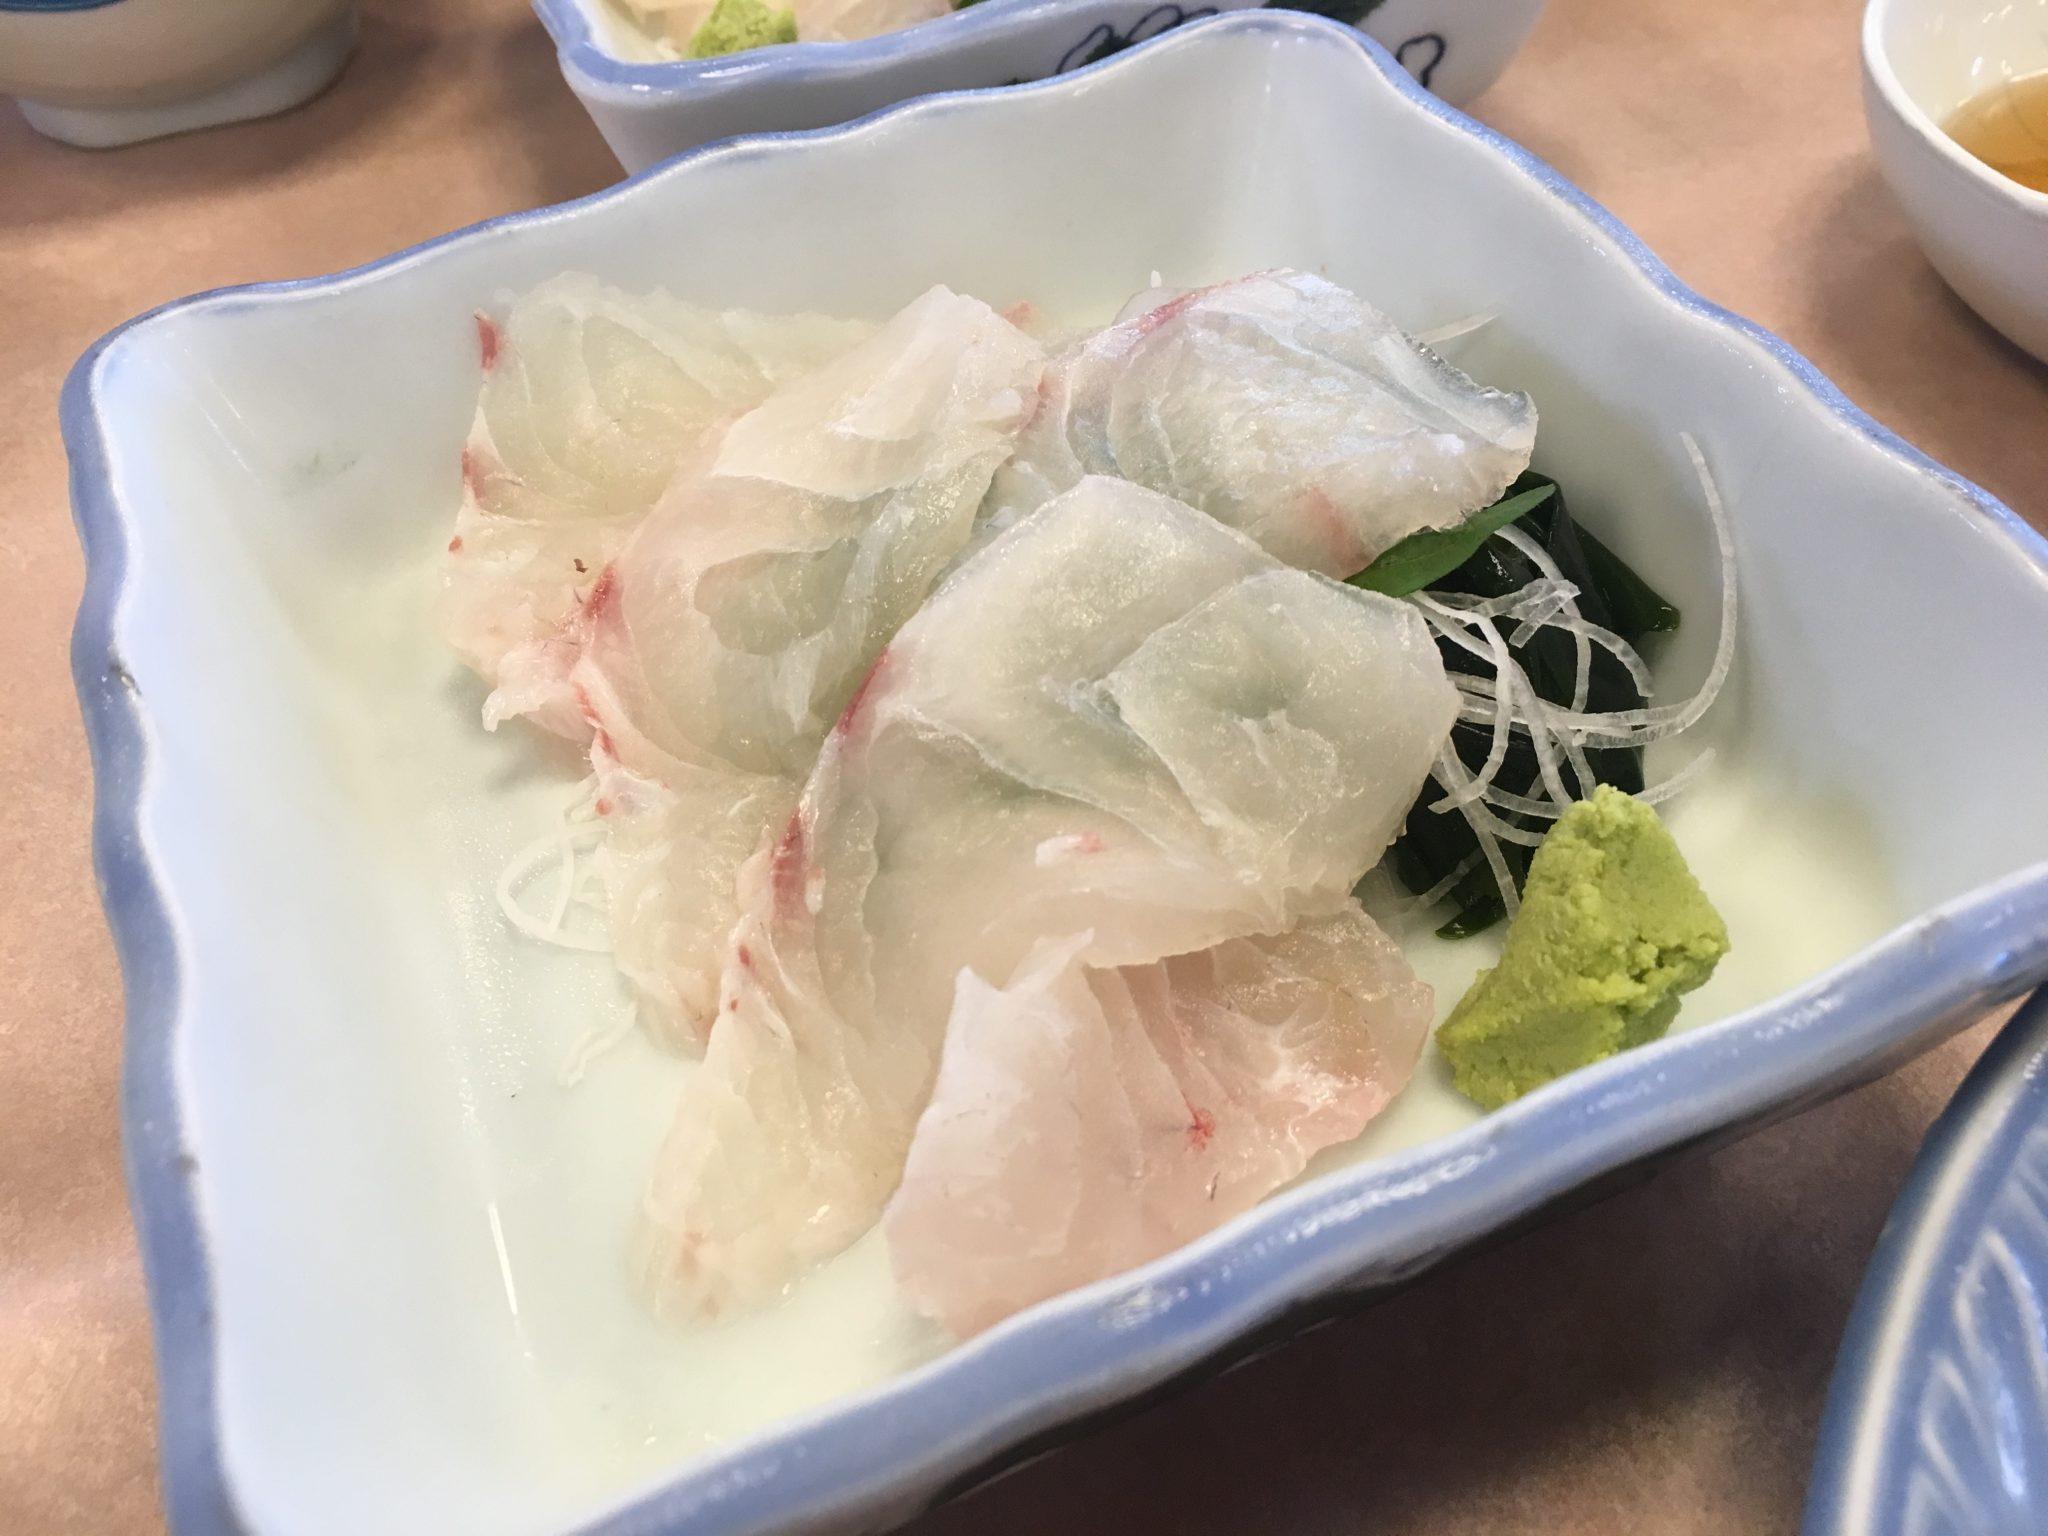 《鳴門市/びんび家》徳島で魚が食べたいと言えばここ!!! コスパと味が抜群の、びんび(魚)を食べてきました。